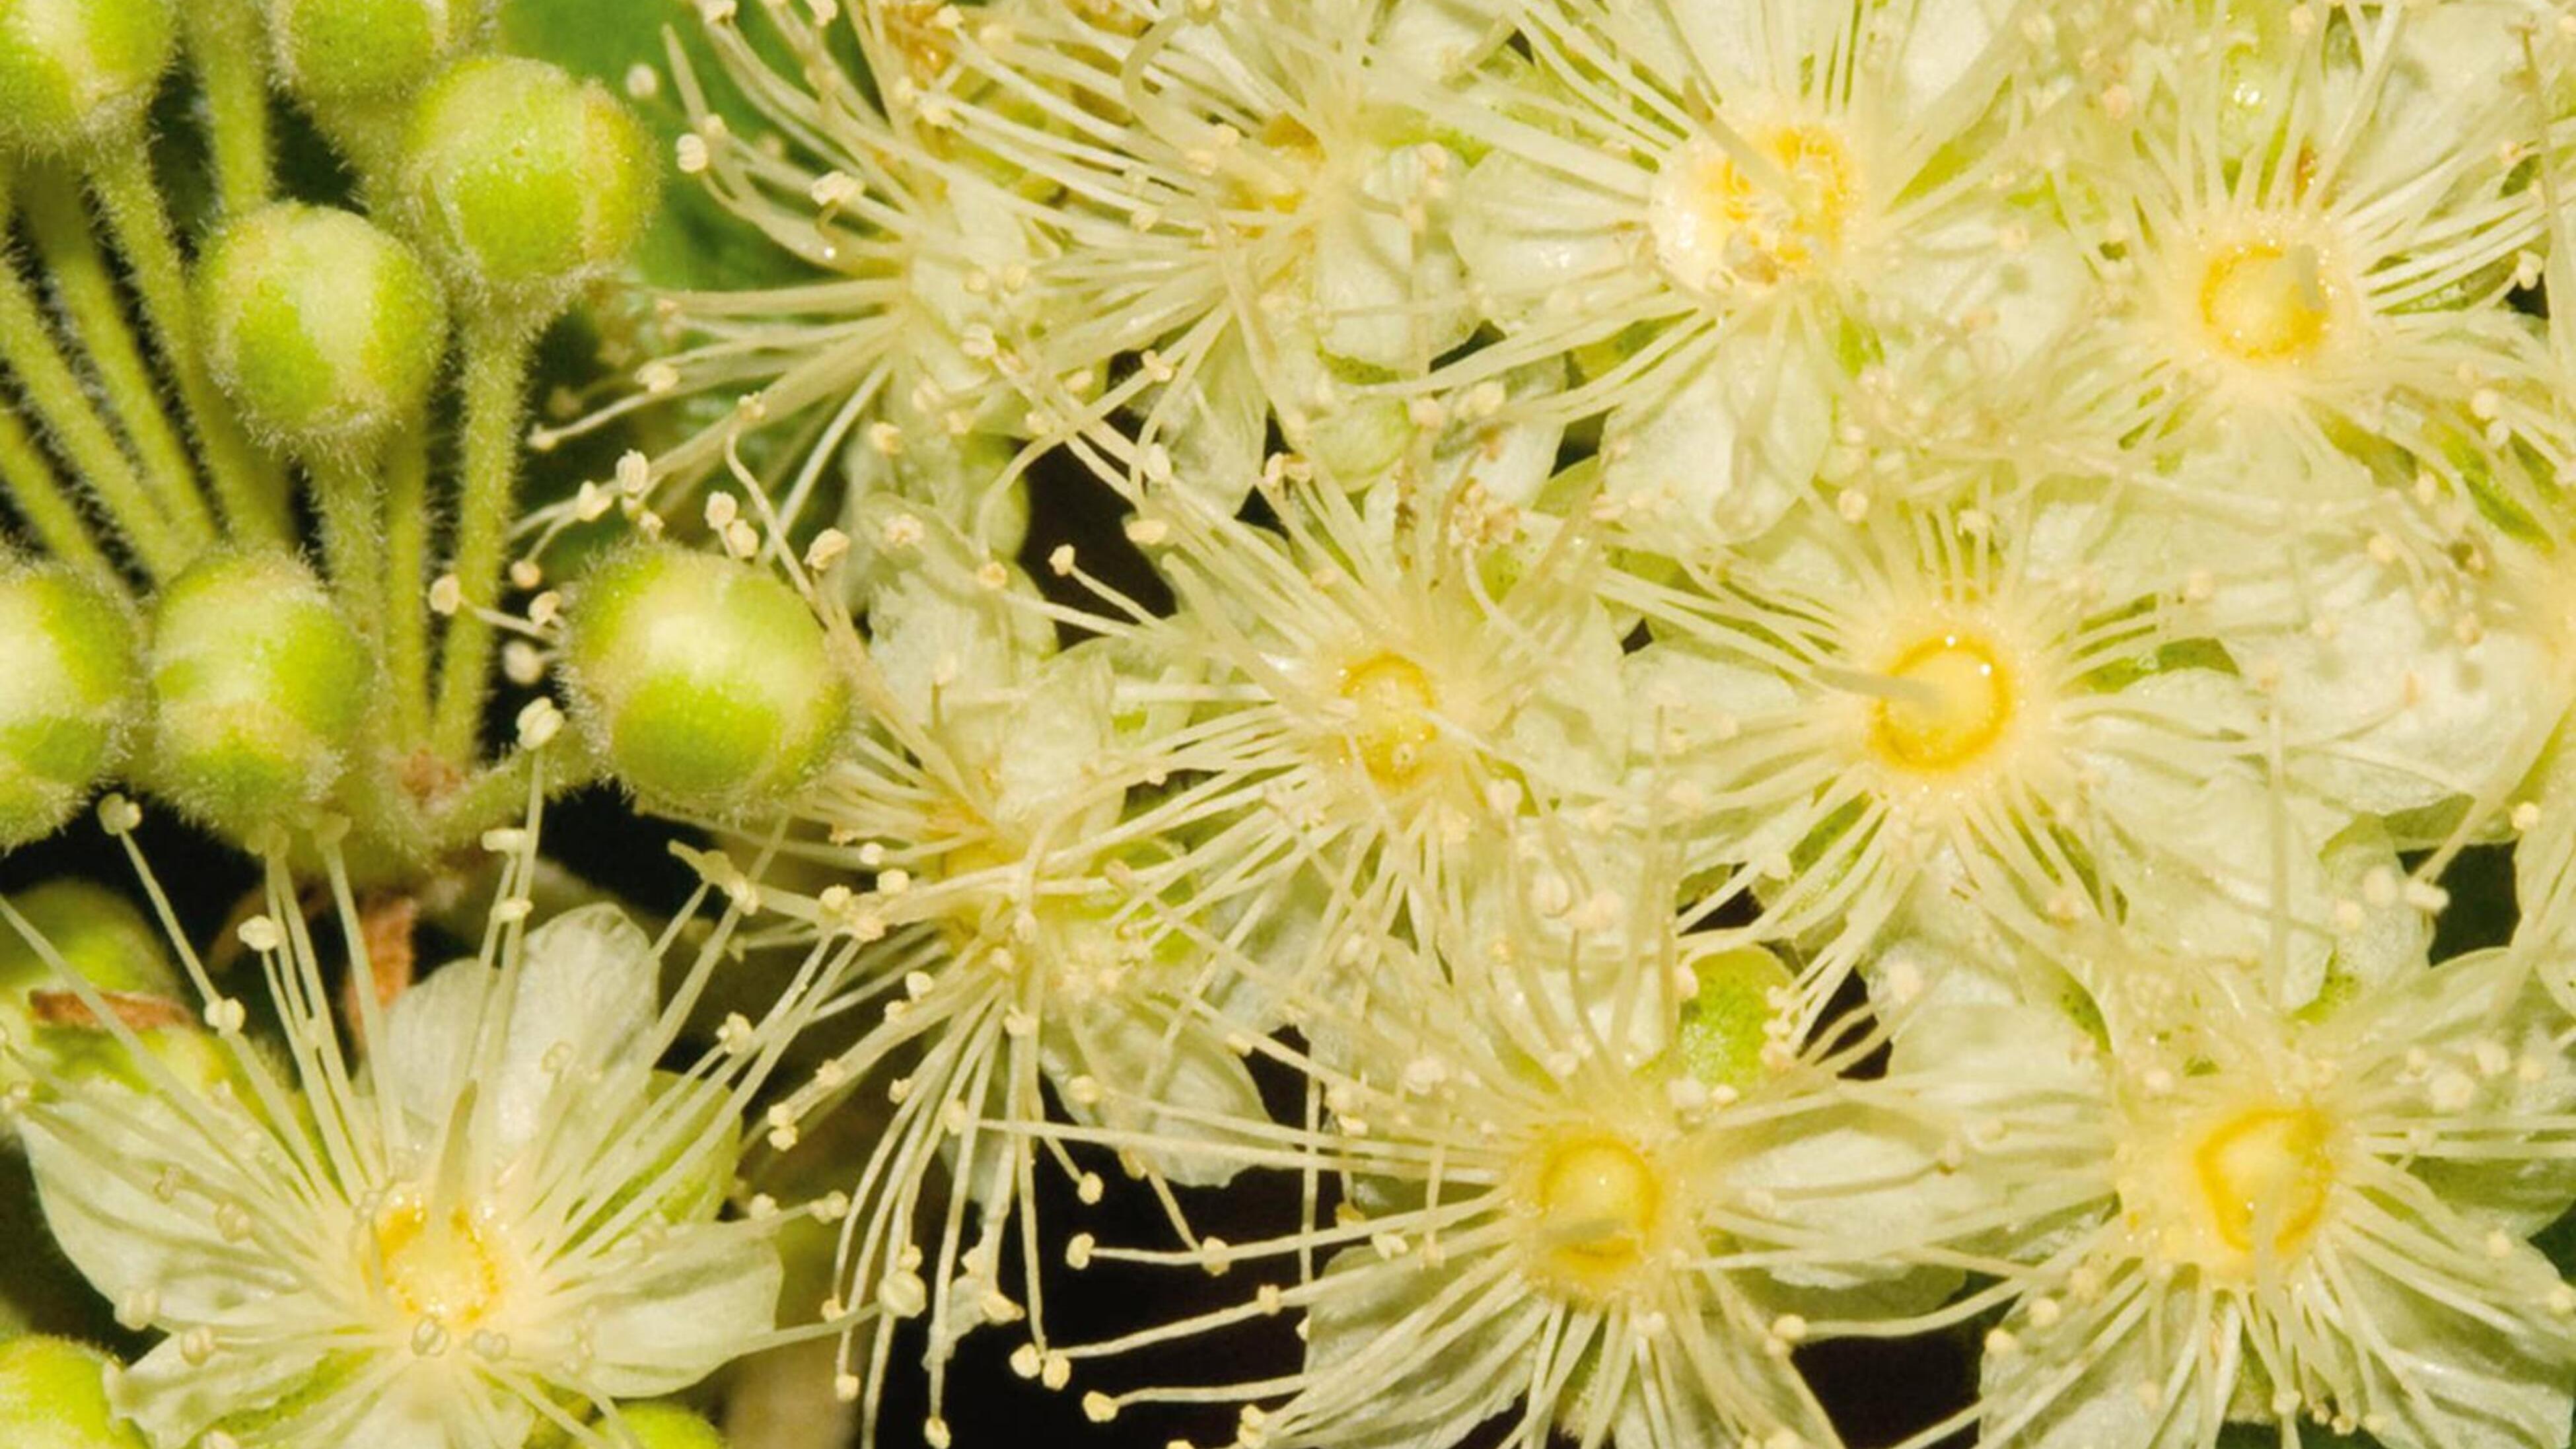 Lemon-scented myrtle